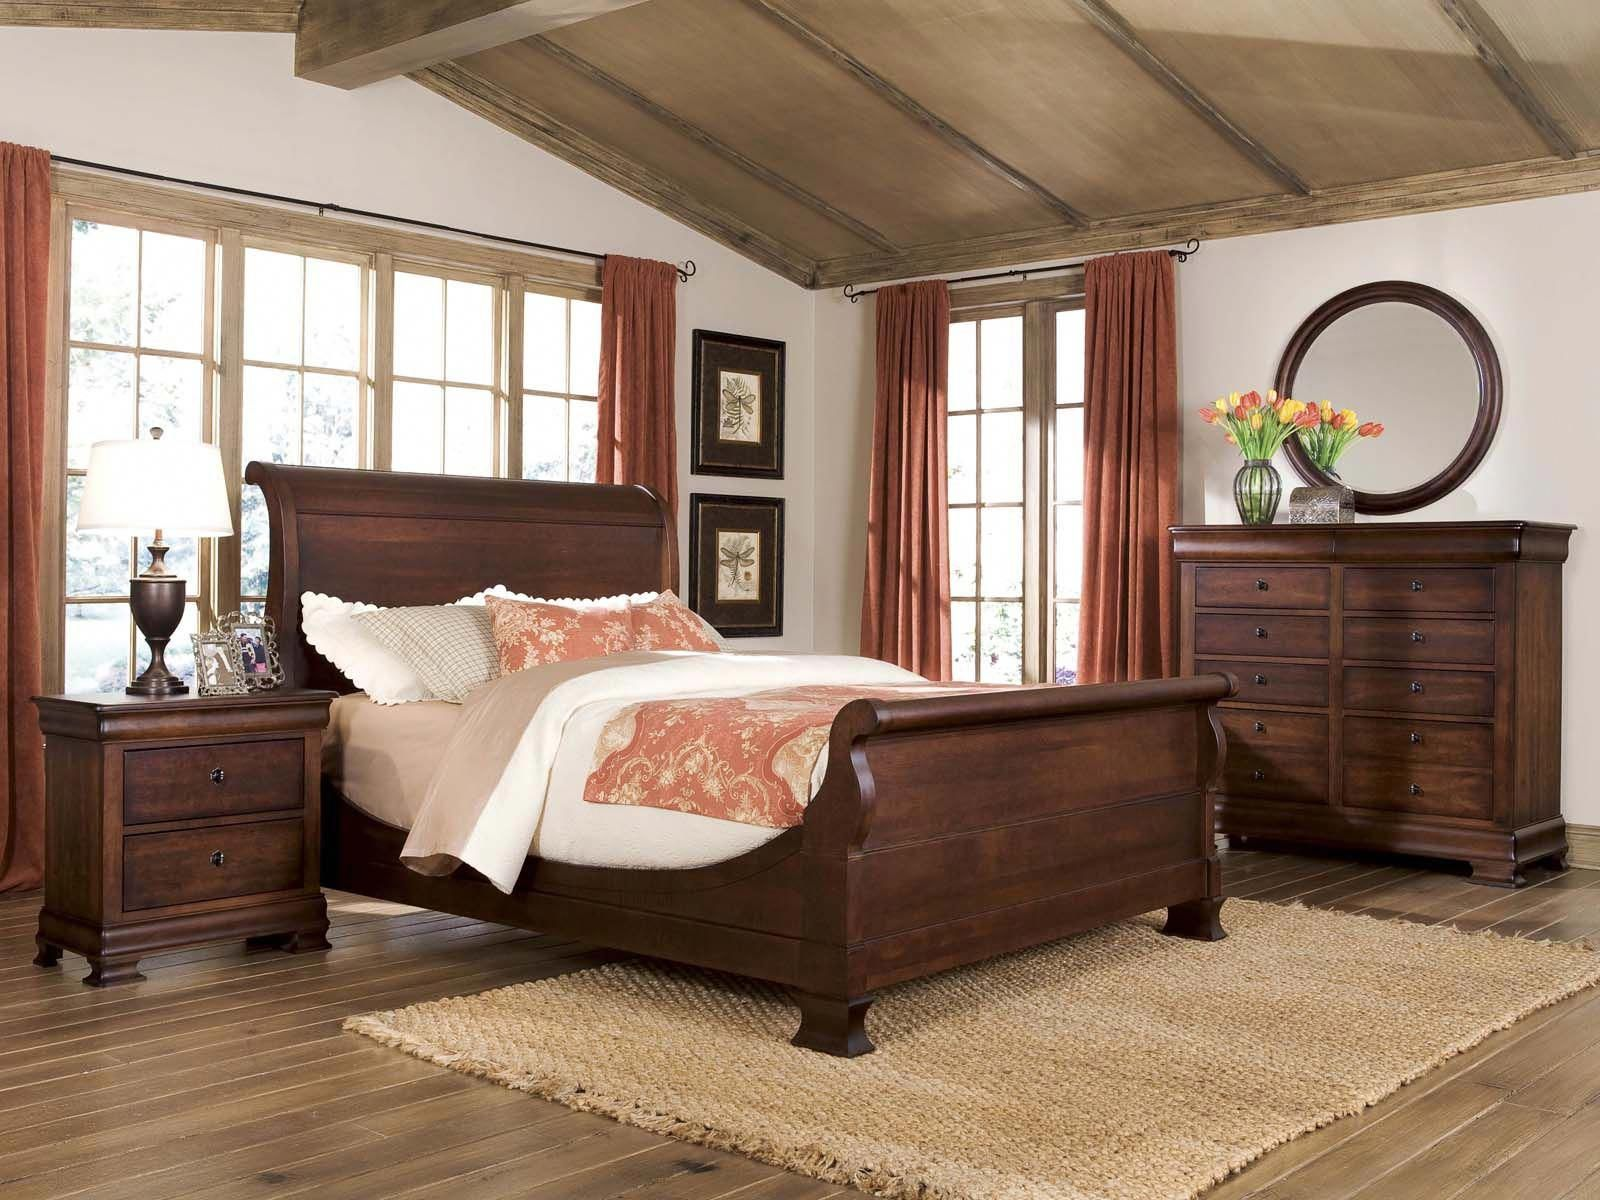 Durham furniture vineyard creek 4piece master sleigh